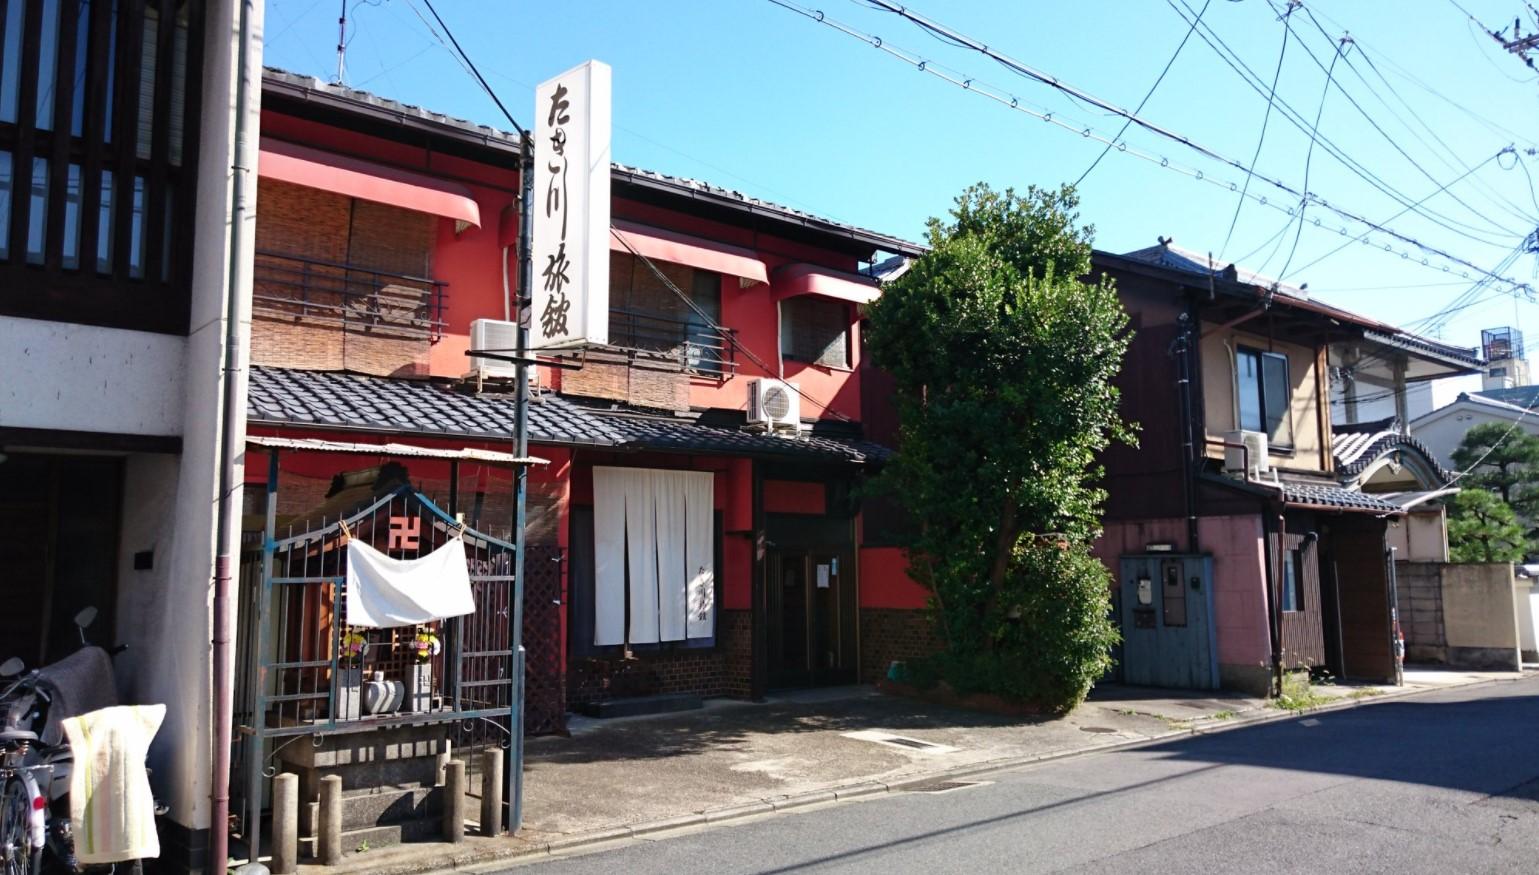 大野智が新恋人と宿泊した京都の旅館